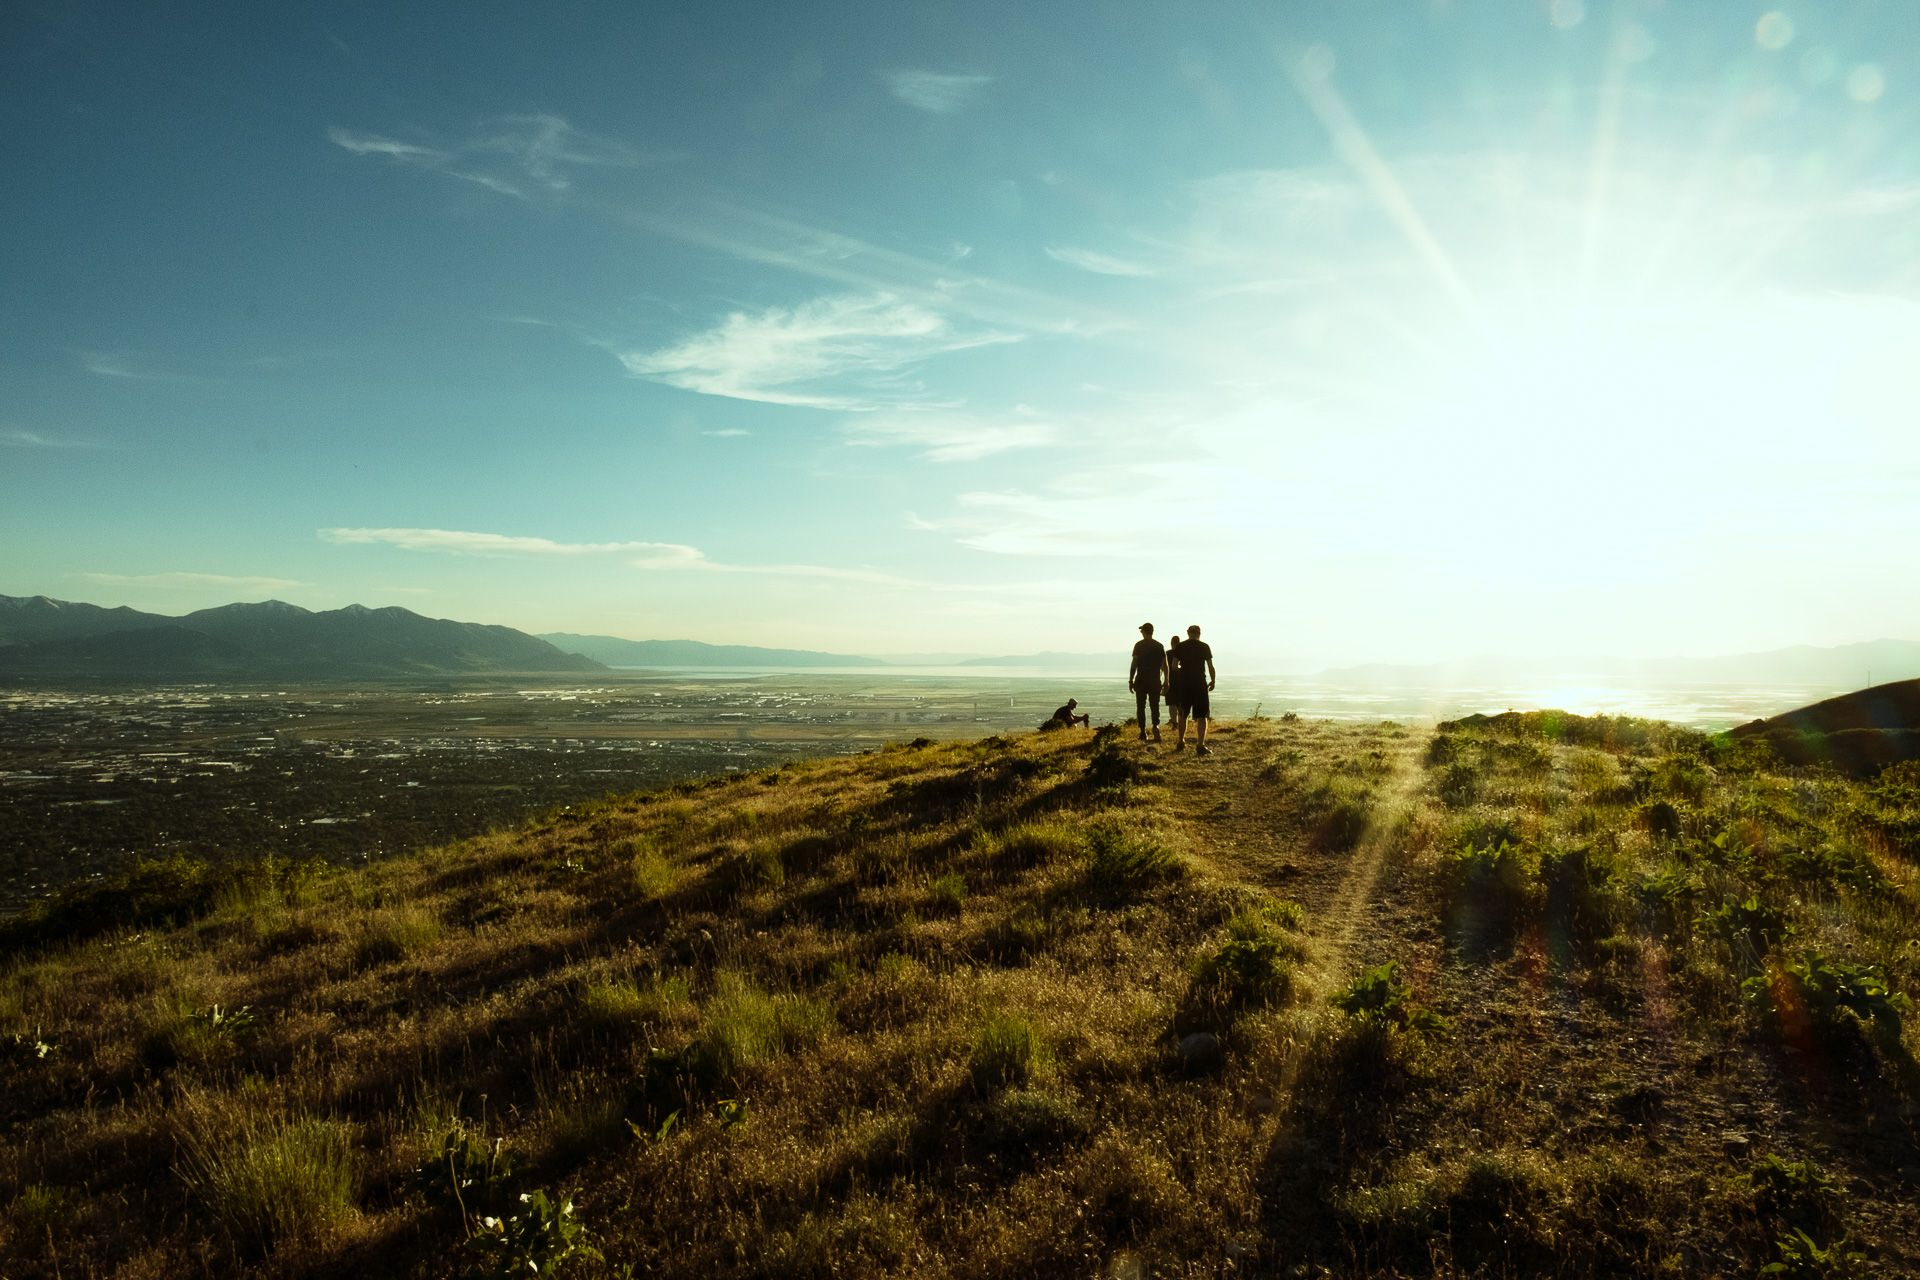 ensign peak headway team hike